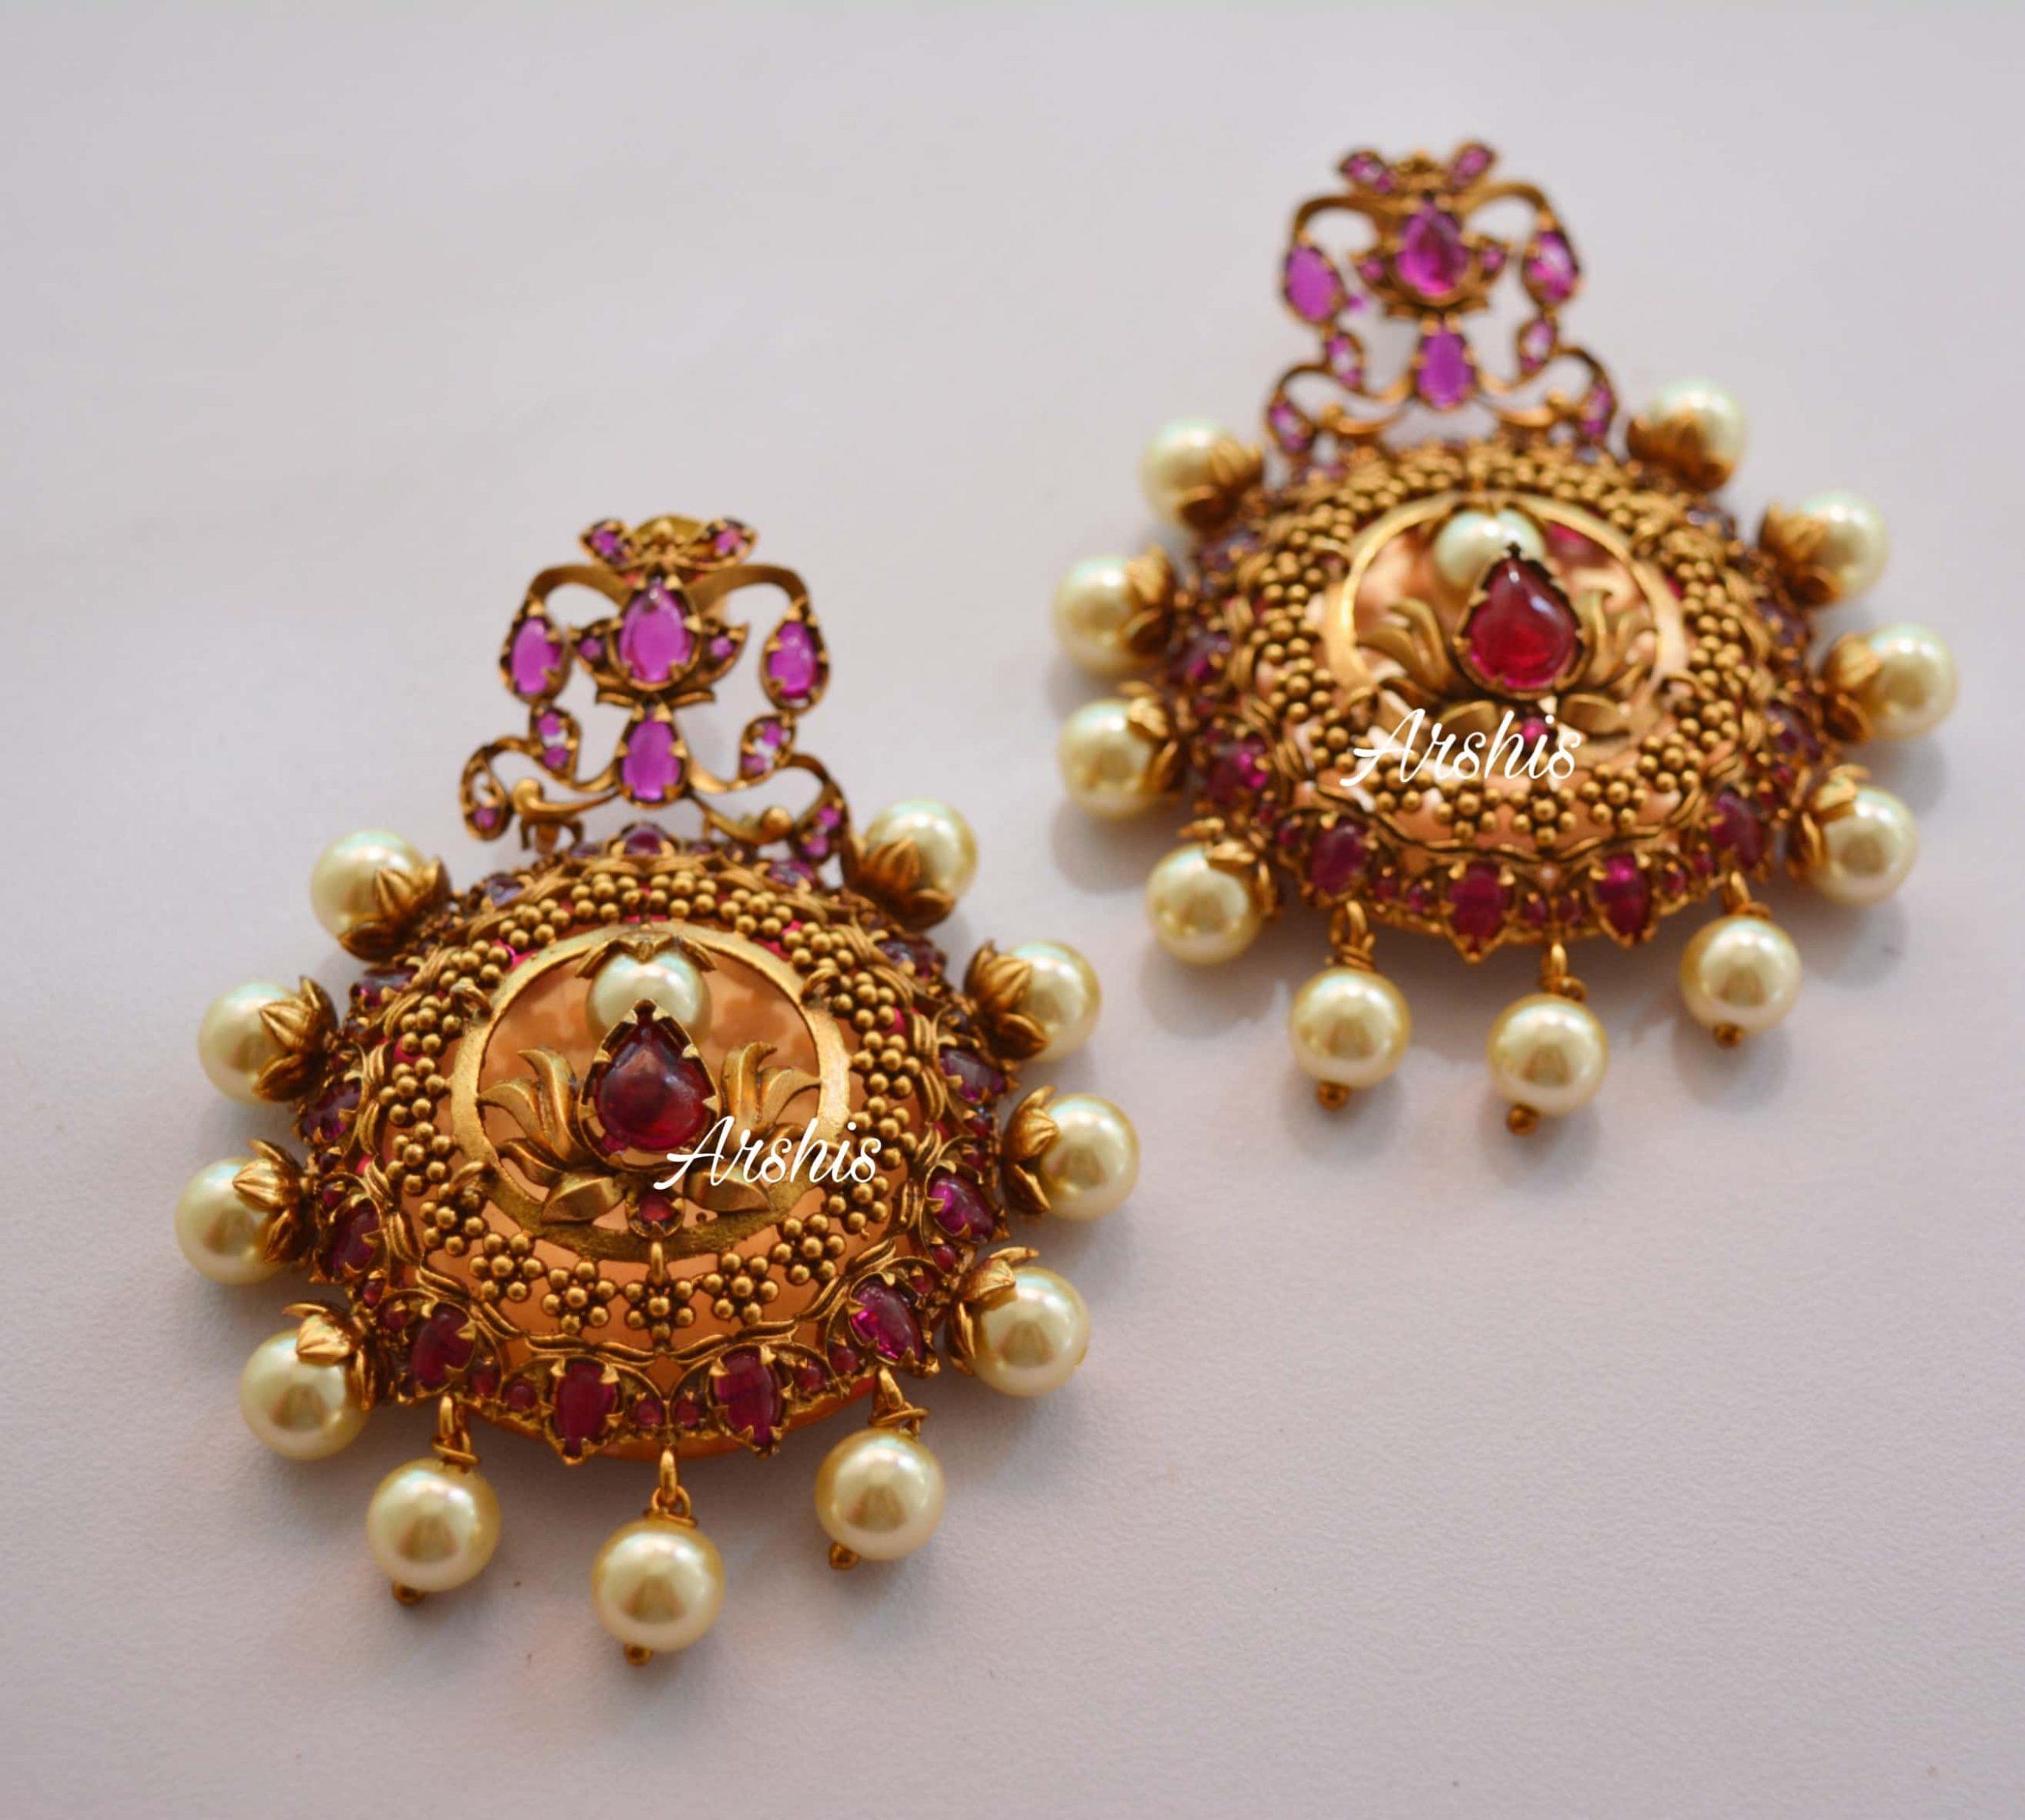 Grand-Nagas-Work-Ruby-Stone-Earrings-01-scaled (1)